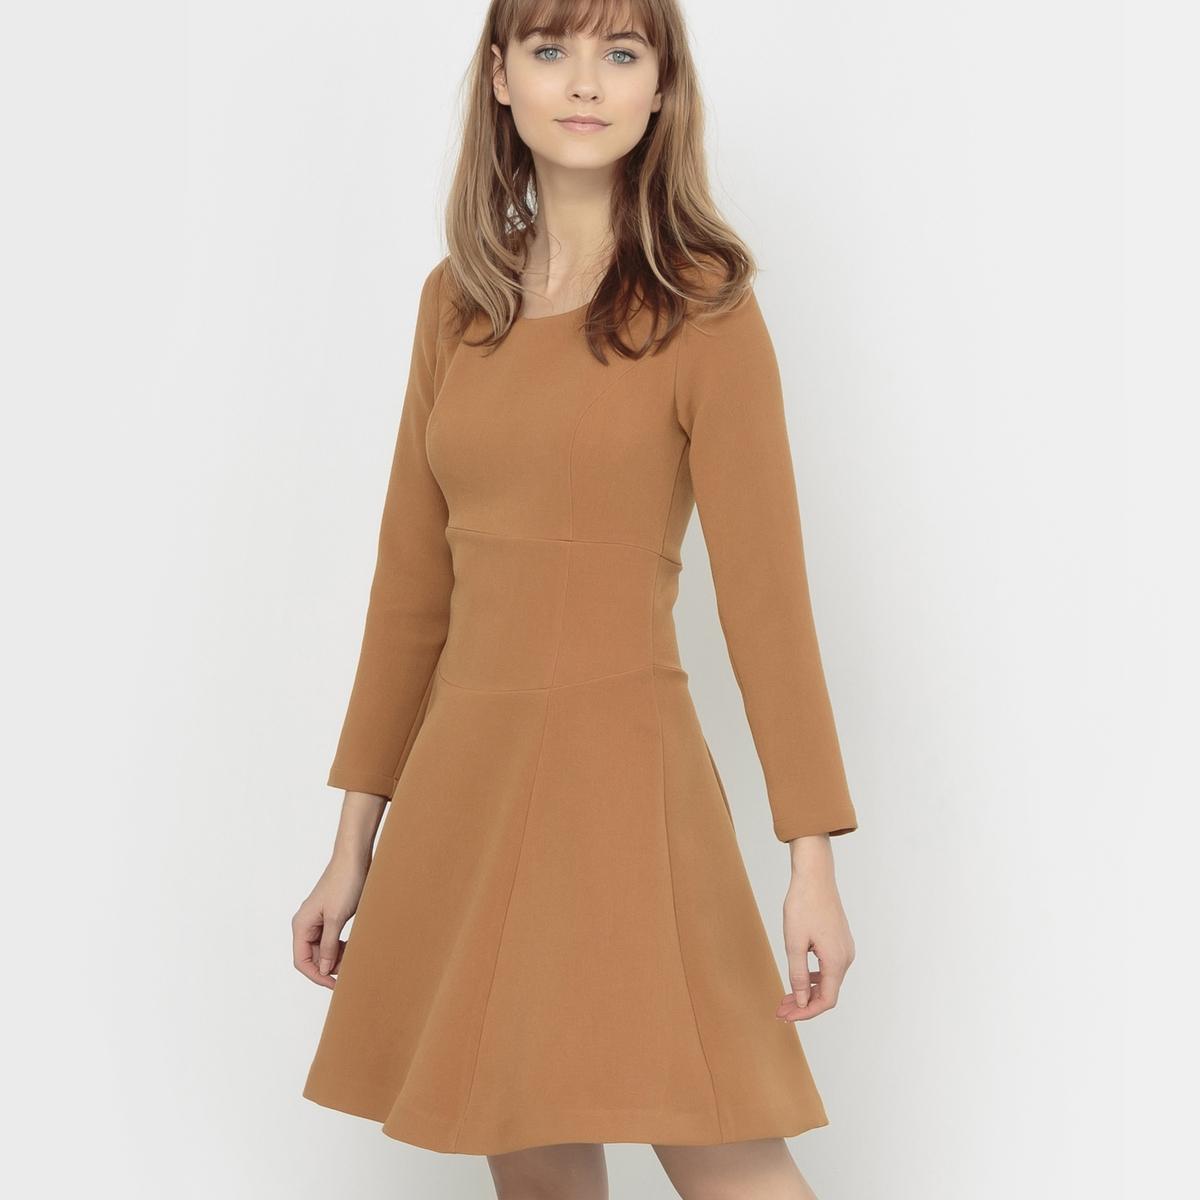 Платье расклешенное стеганое с длинным рукавом RIMMEL RIMMELПлатье с длинным рукавом RIMMEL RIMMEL от KARL MARC JOHN. Расклешенный к низу покрой. Стеганая ткань. Состав и описаниеМарка : KARL MARC JOHNМатериал :  70% полиэстера, 26% вискозы, 4% эластана<br><br>Цвет: темно-бежевый<br>Размер: S